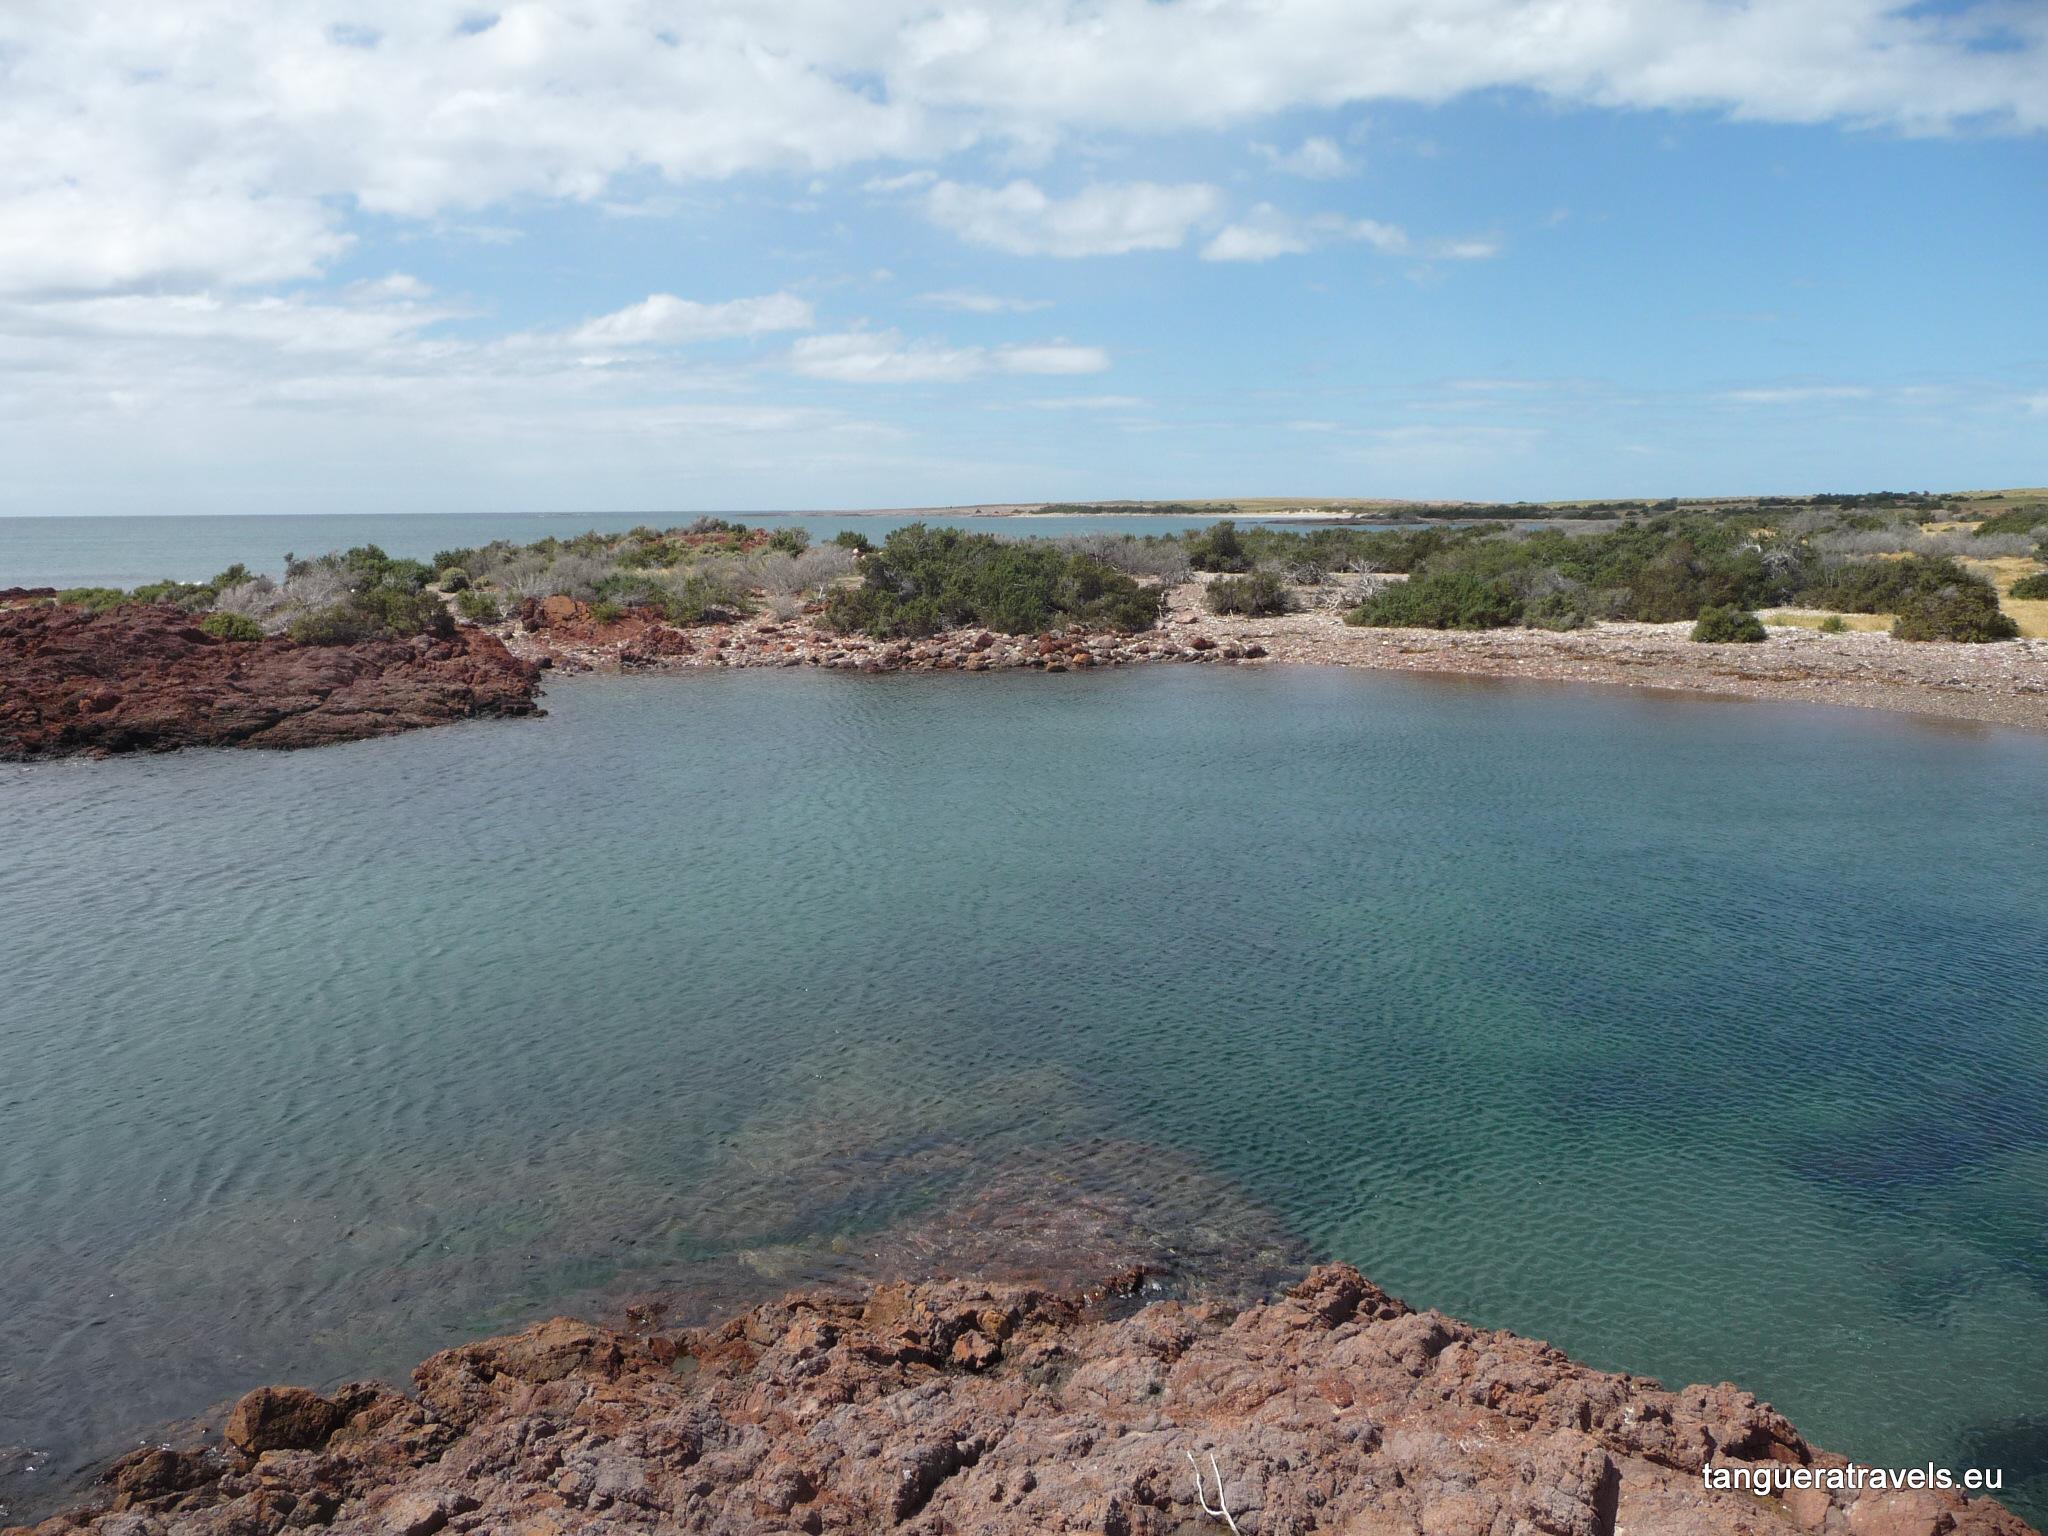 seaview, Punta Tombo